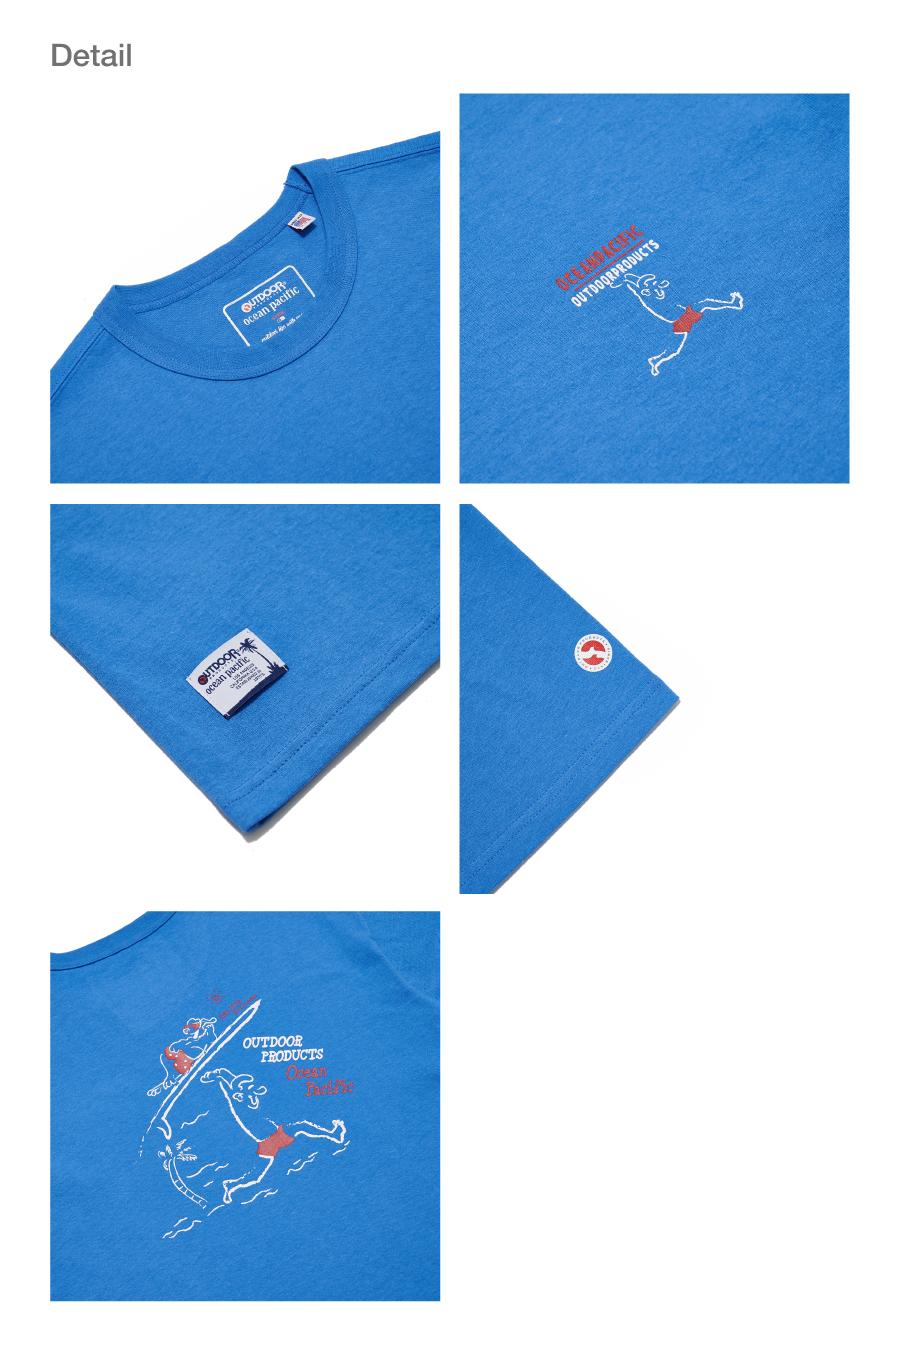 오션퍼시픽(OCEANPACIFIC) OP X ODP 그래픽 티셔츠 2 OP X ODP GRAPHIC TS 2